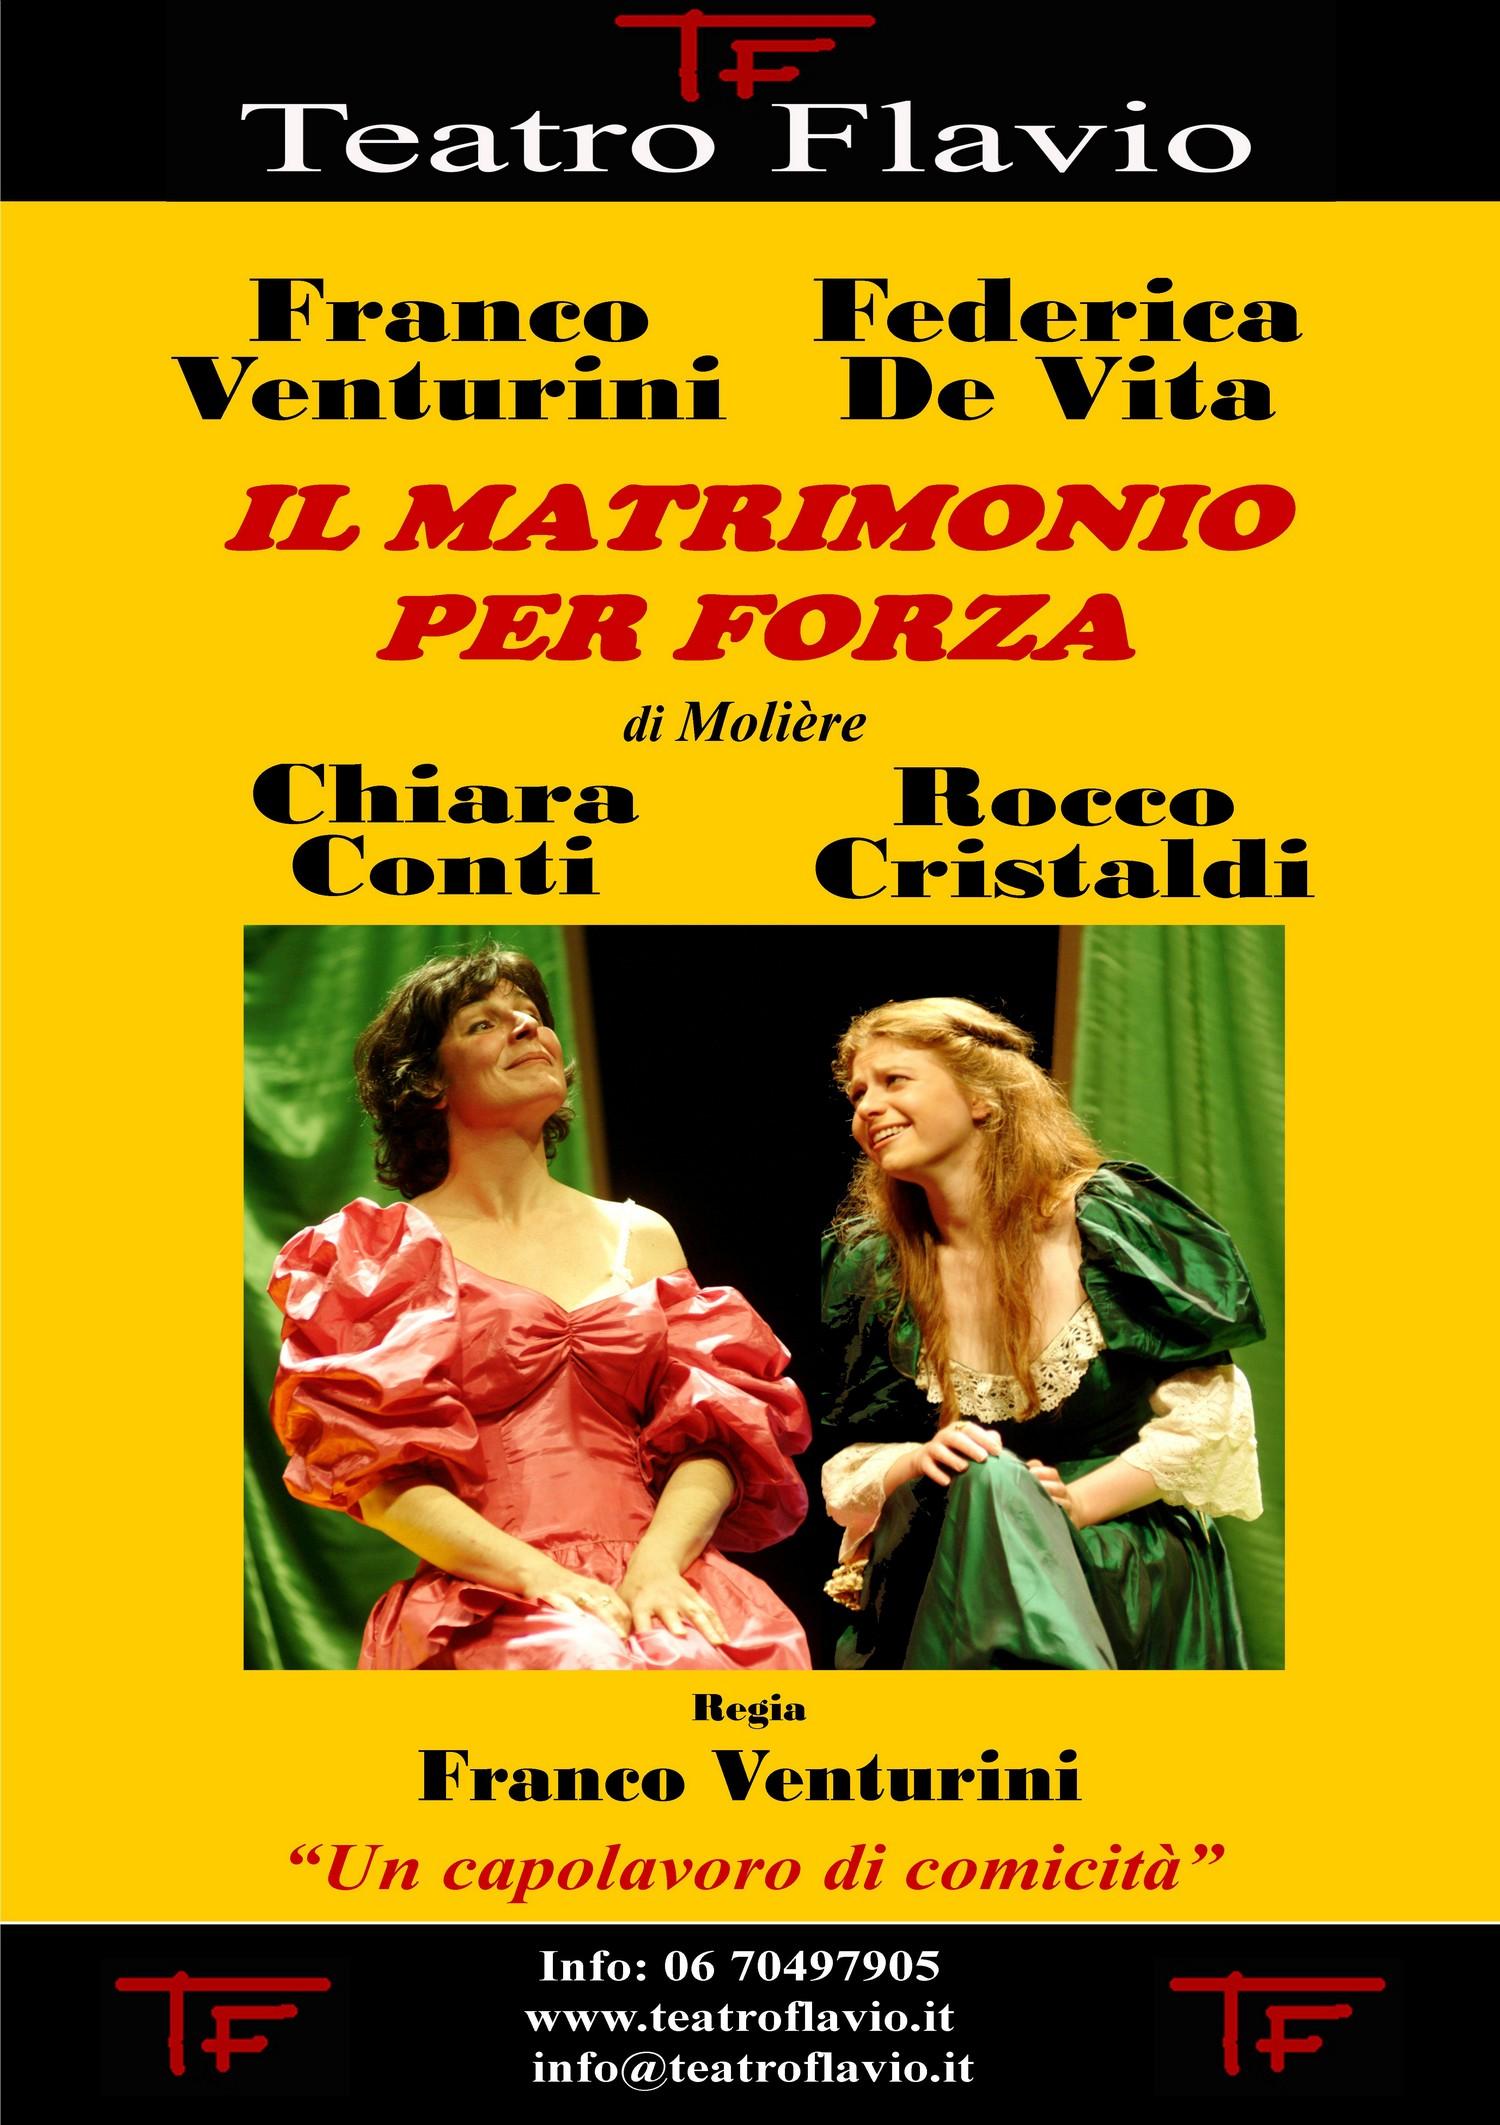 Il Matrimonio per forza, Teatro Flavio Roma